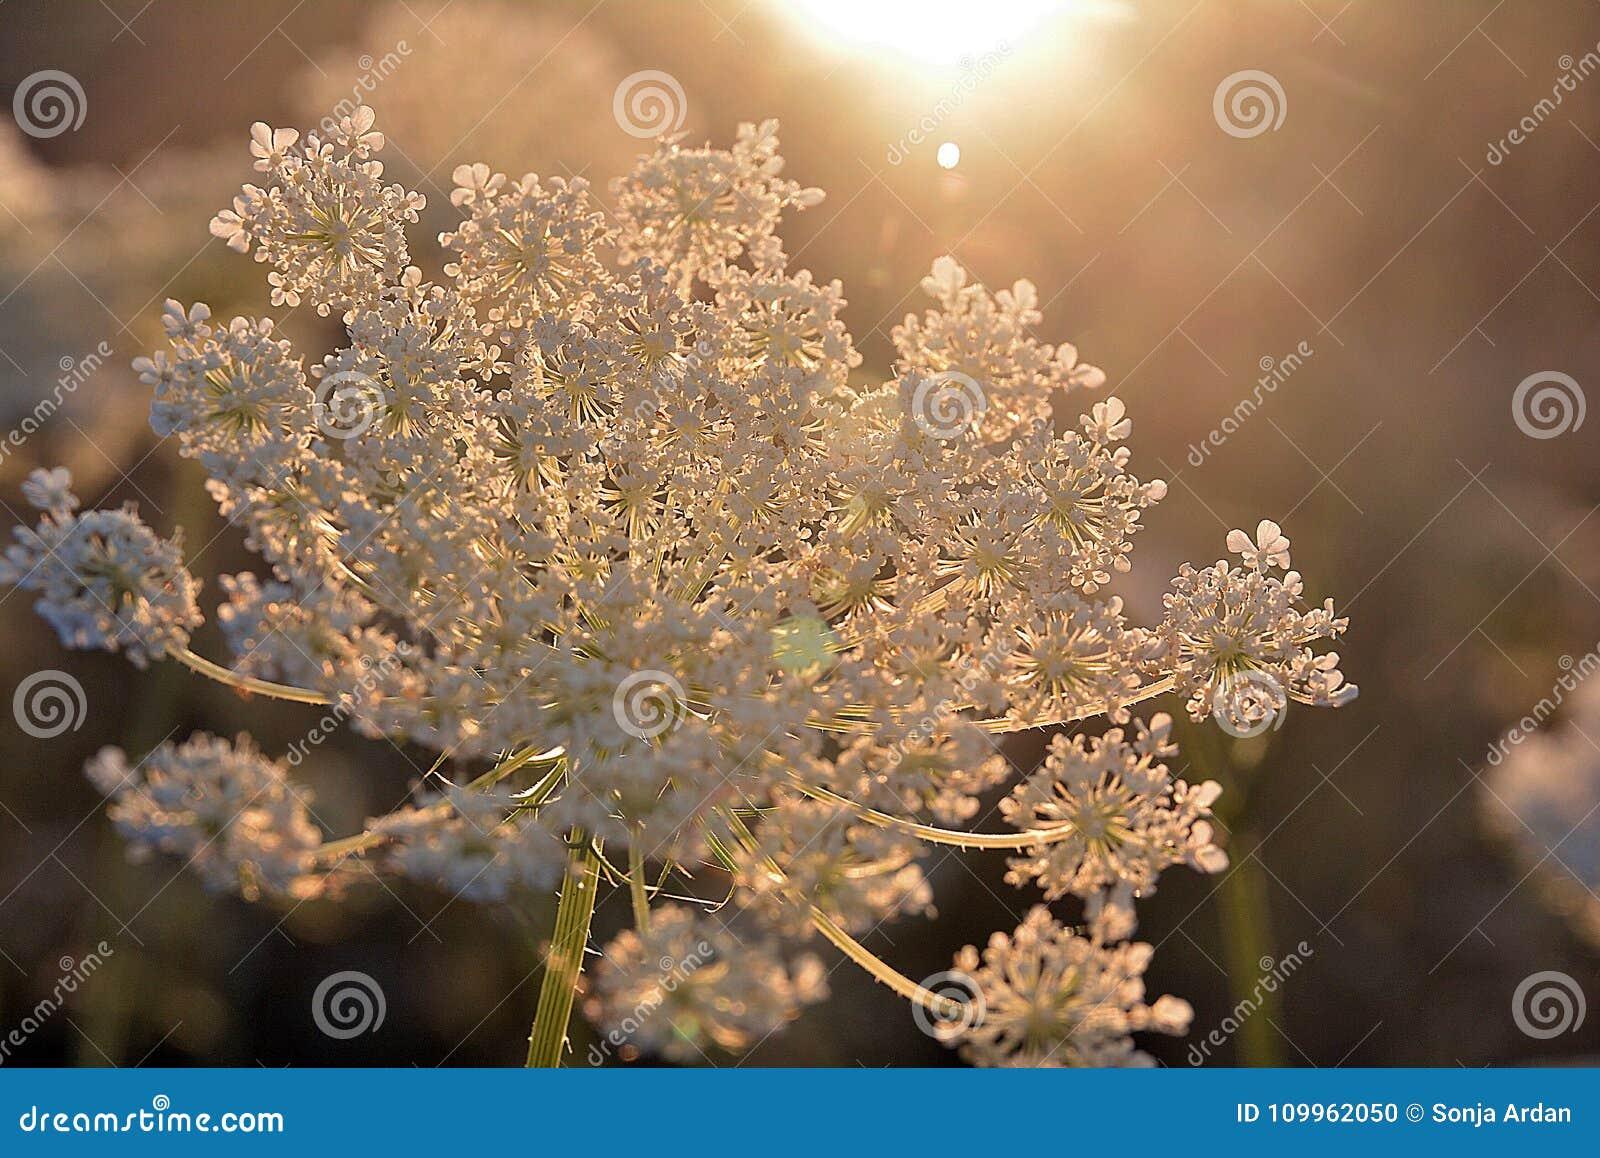 La luz del sol illumines la flor blanca, milenrama